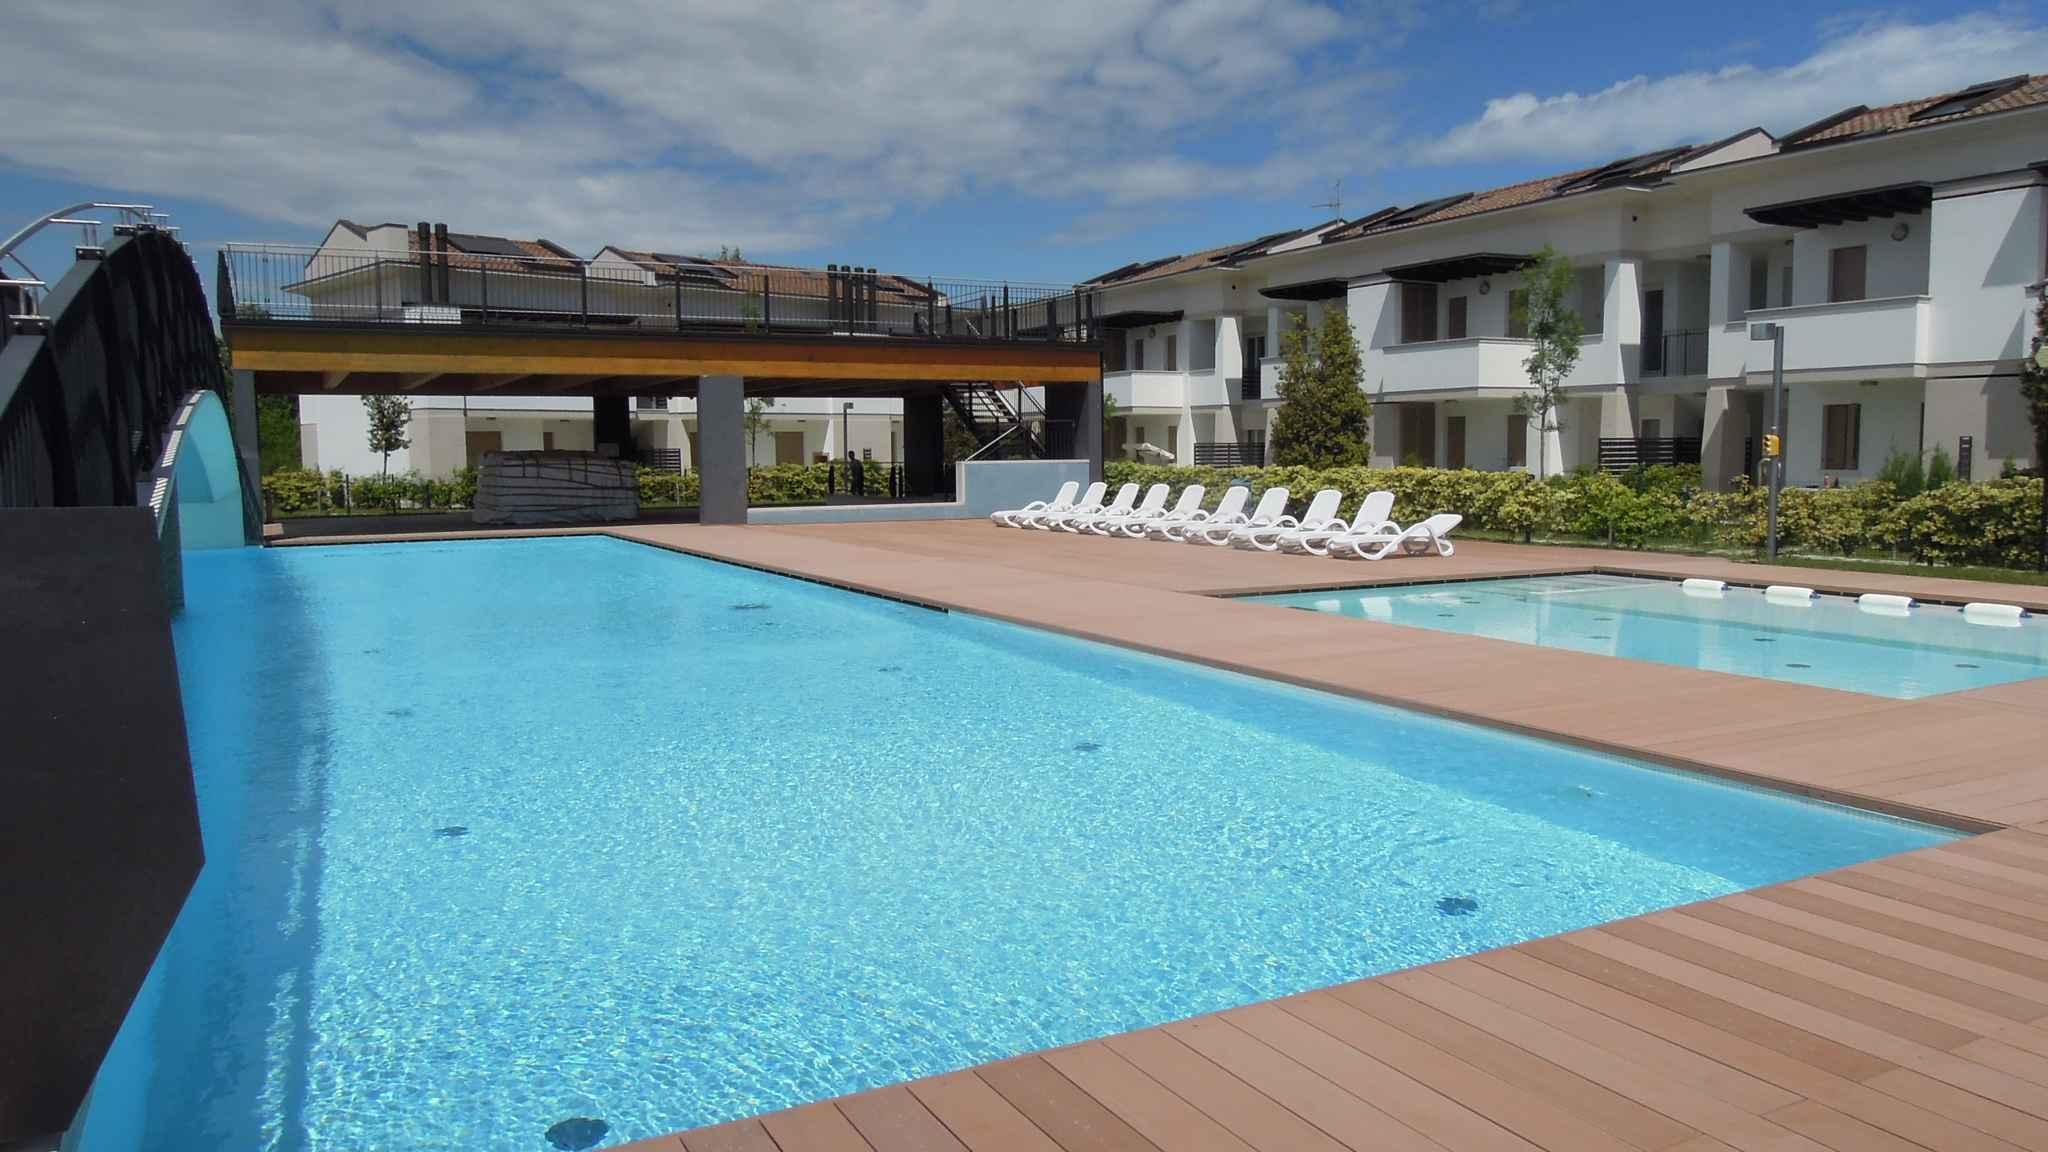 Ferienwohnung Neue elegante Ferienanlage nur 500 m vom Meer